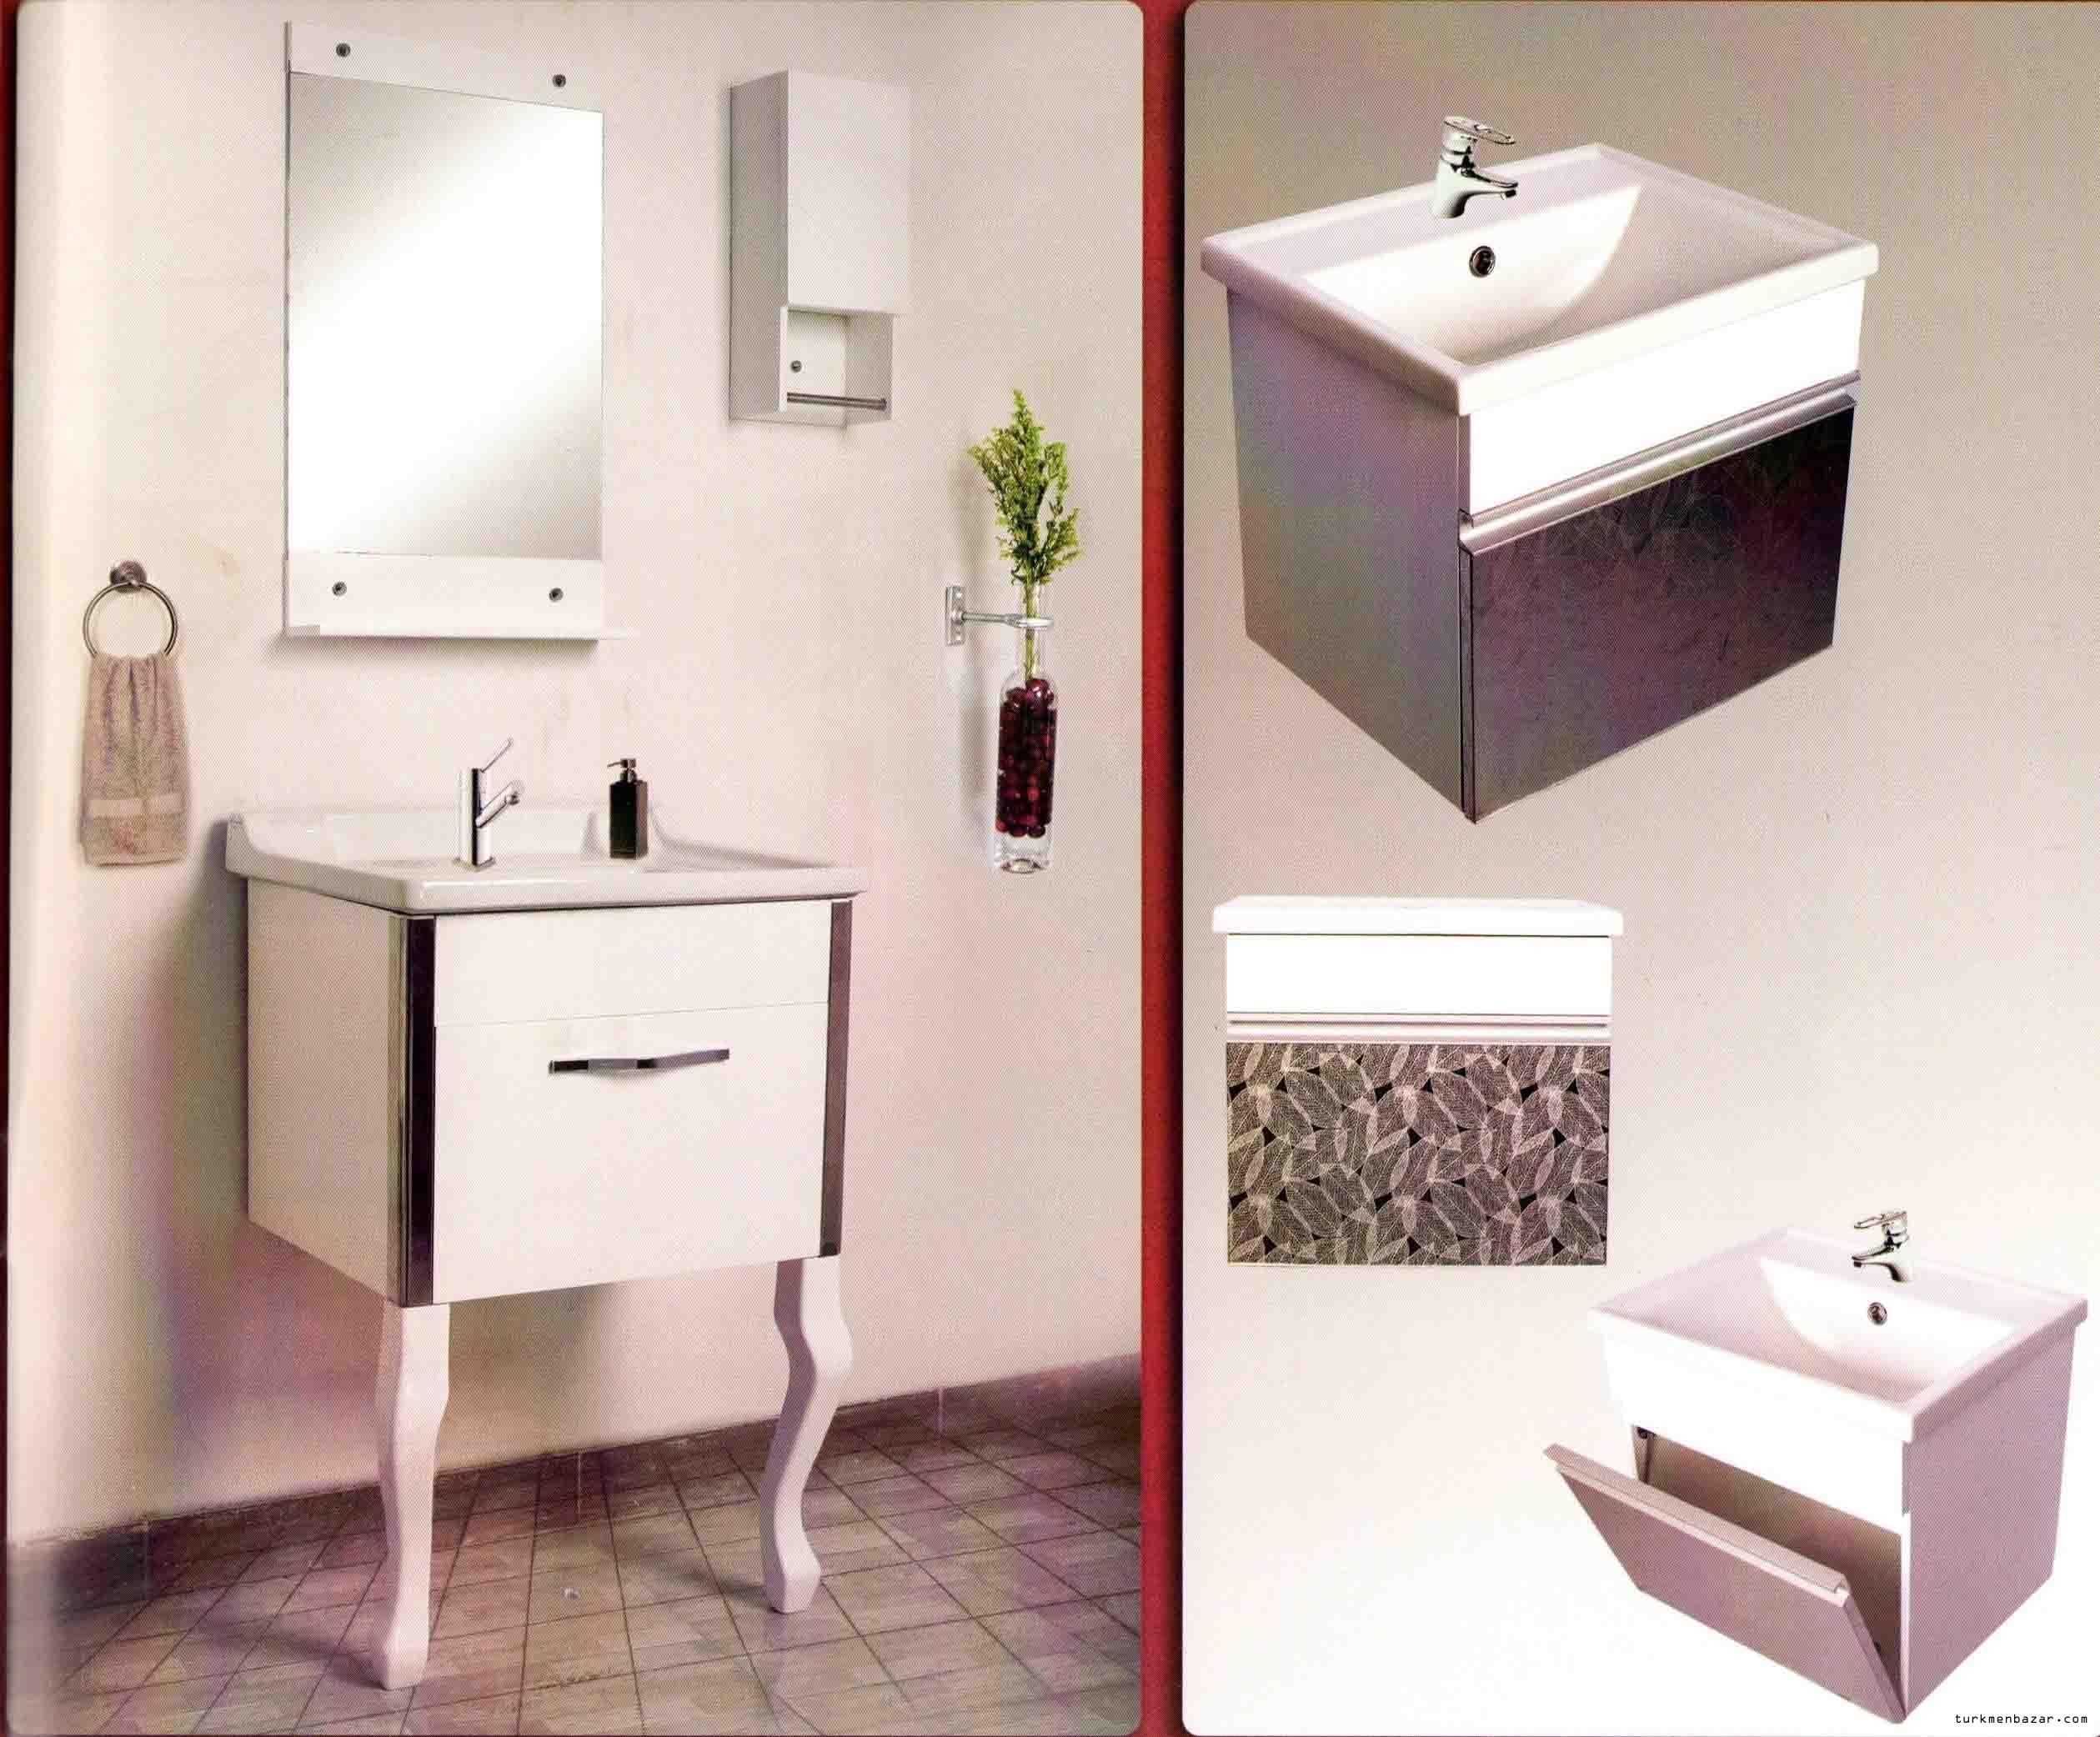 Kitchen And Bathroom Kitchen And Bathroom Equipment T 1 4 Rkmen I 1 4 Werlerni Geregi